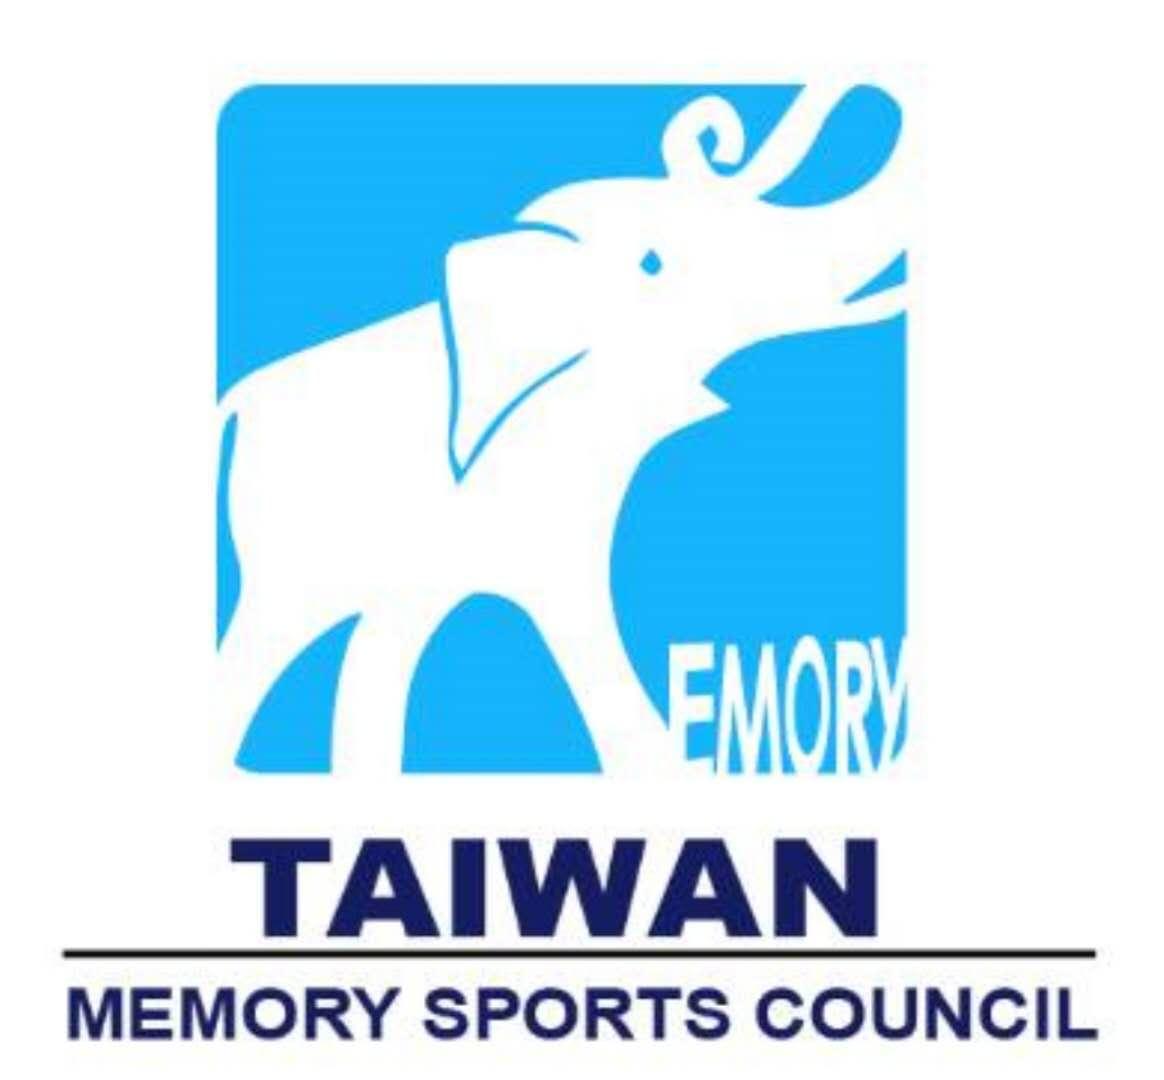 中国台湾记忆运动理事会